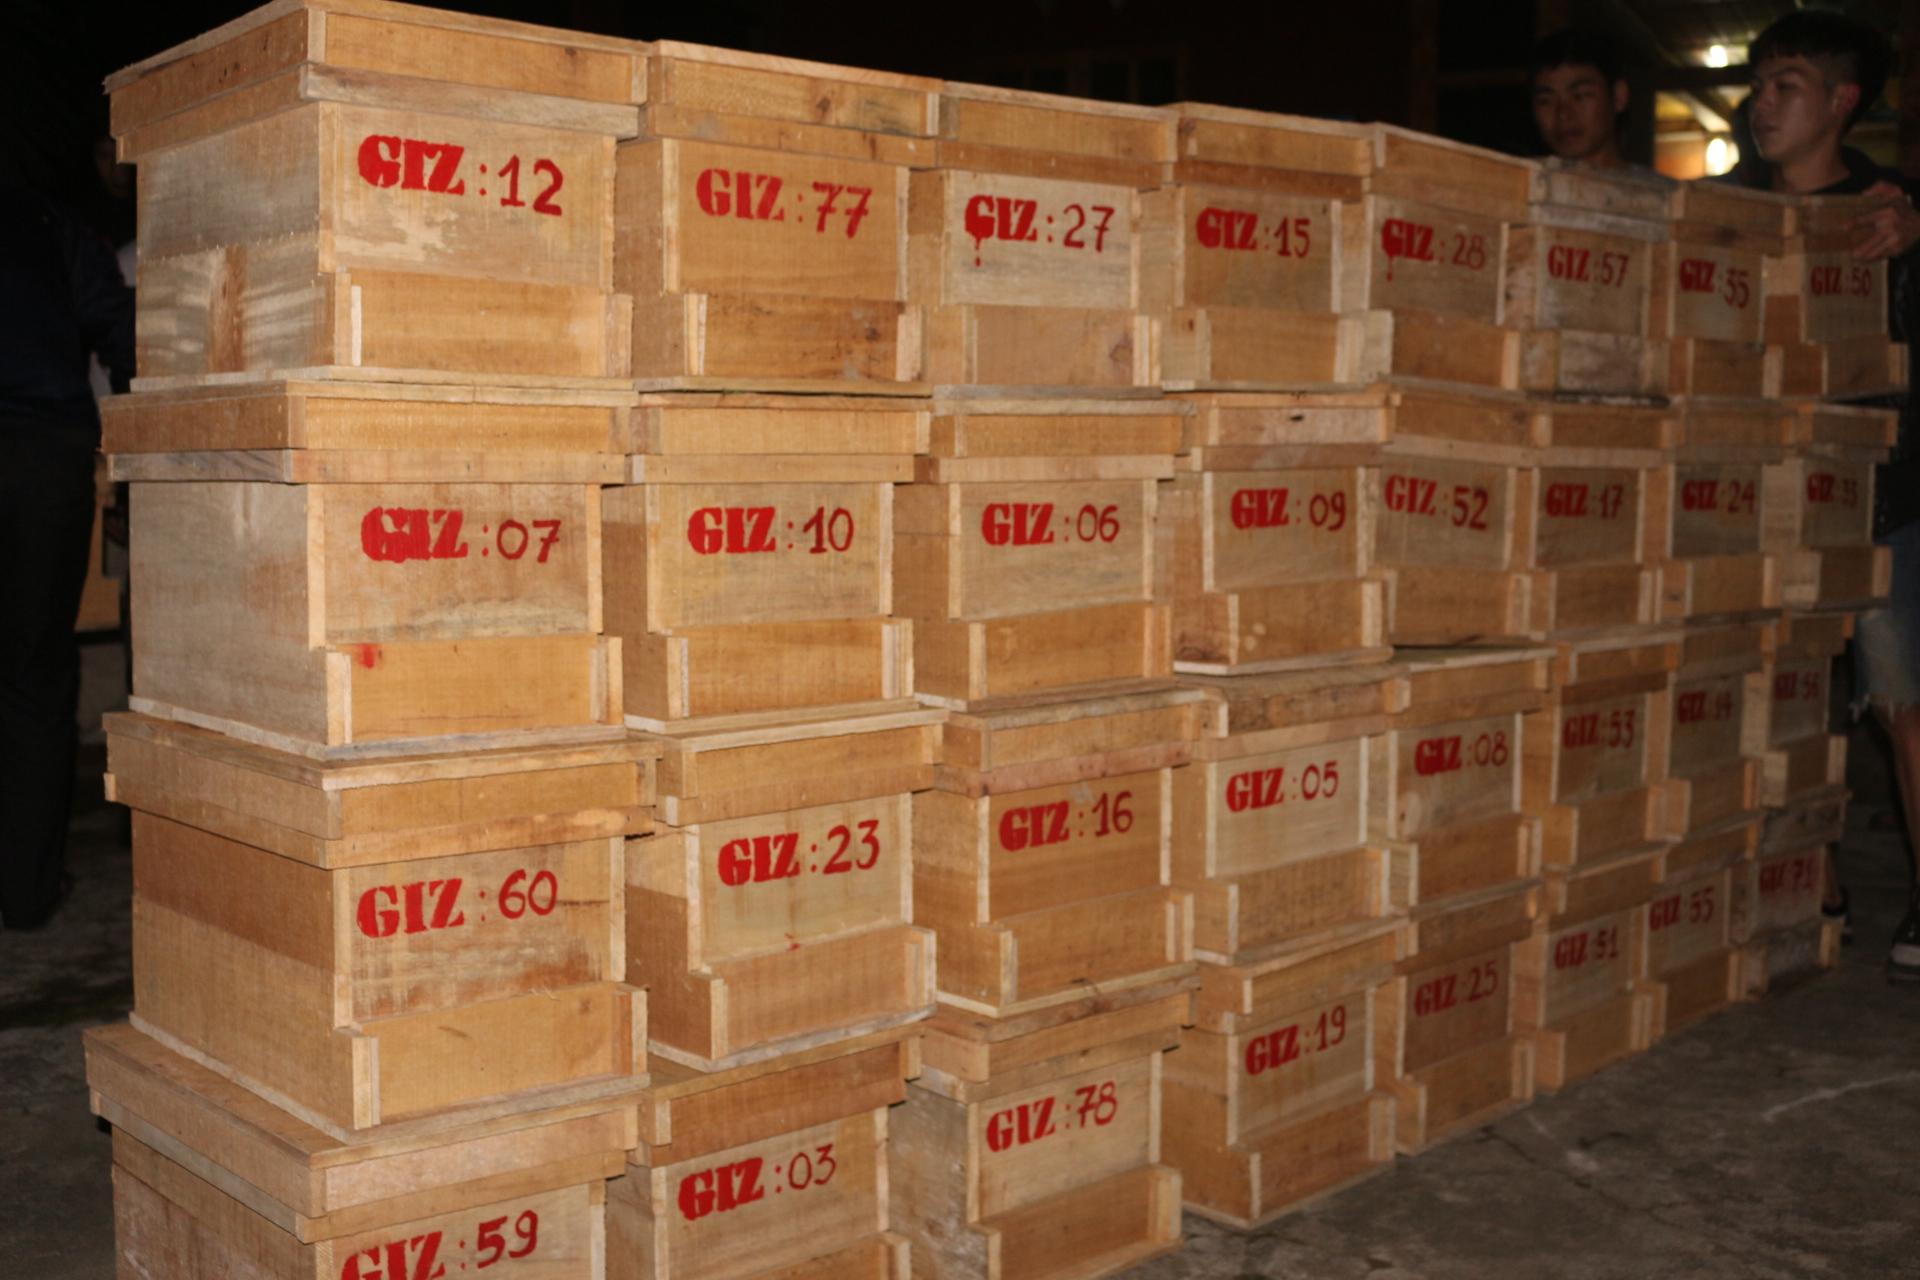 111 thùng ong được giao đến 44 hộ nuôi ong